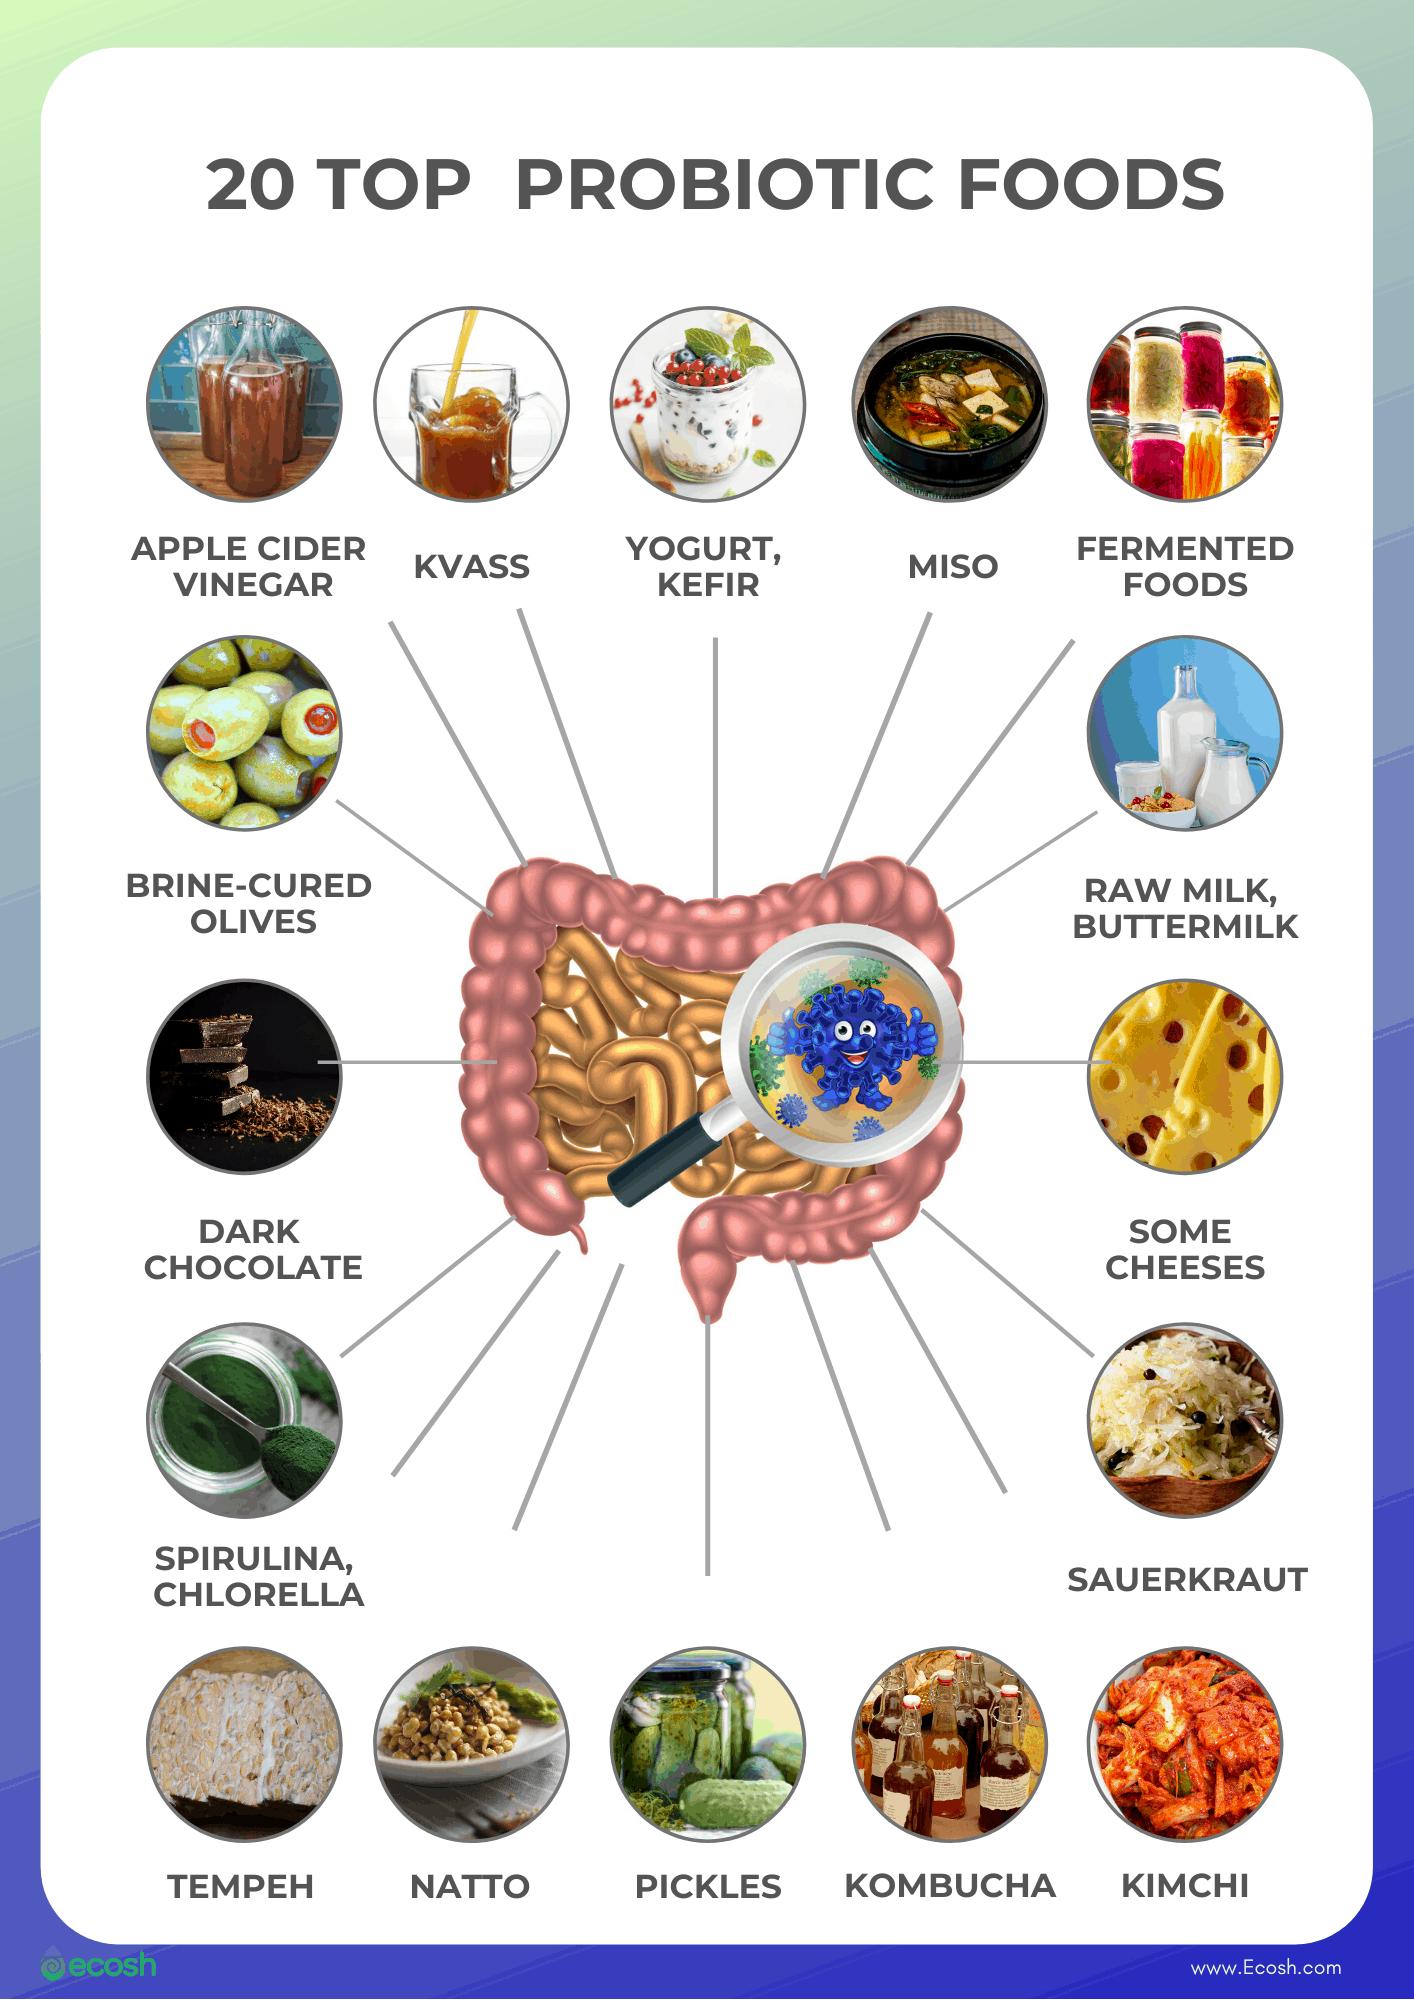 Ecosh-20_Top_Probiotic_Foods_Foods_High_in_Probiotics